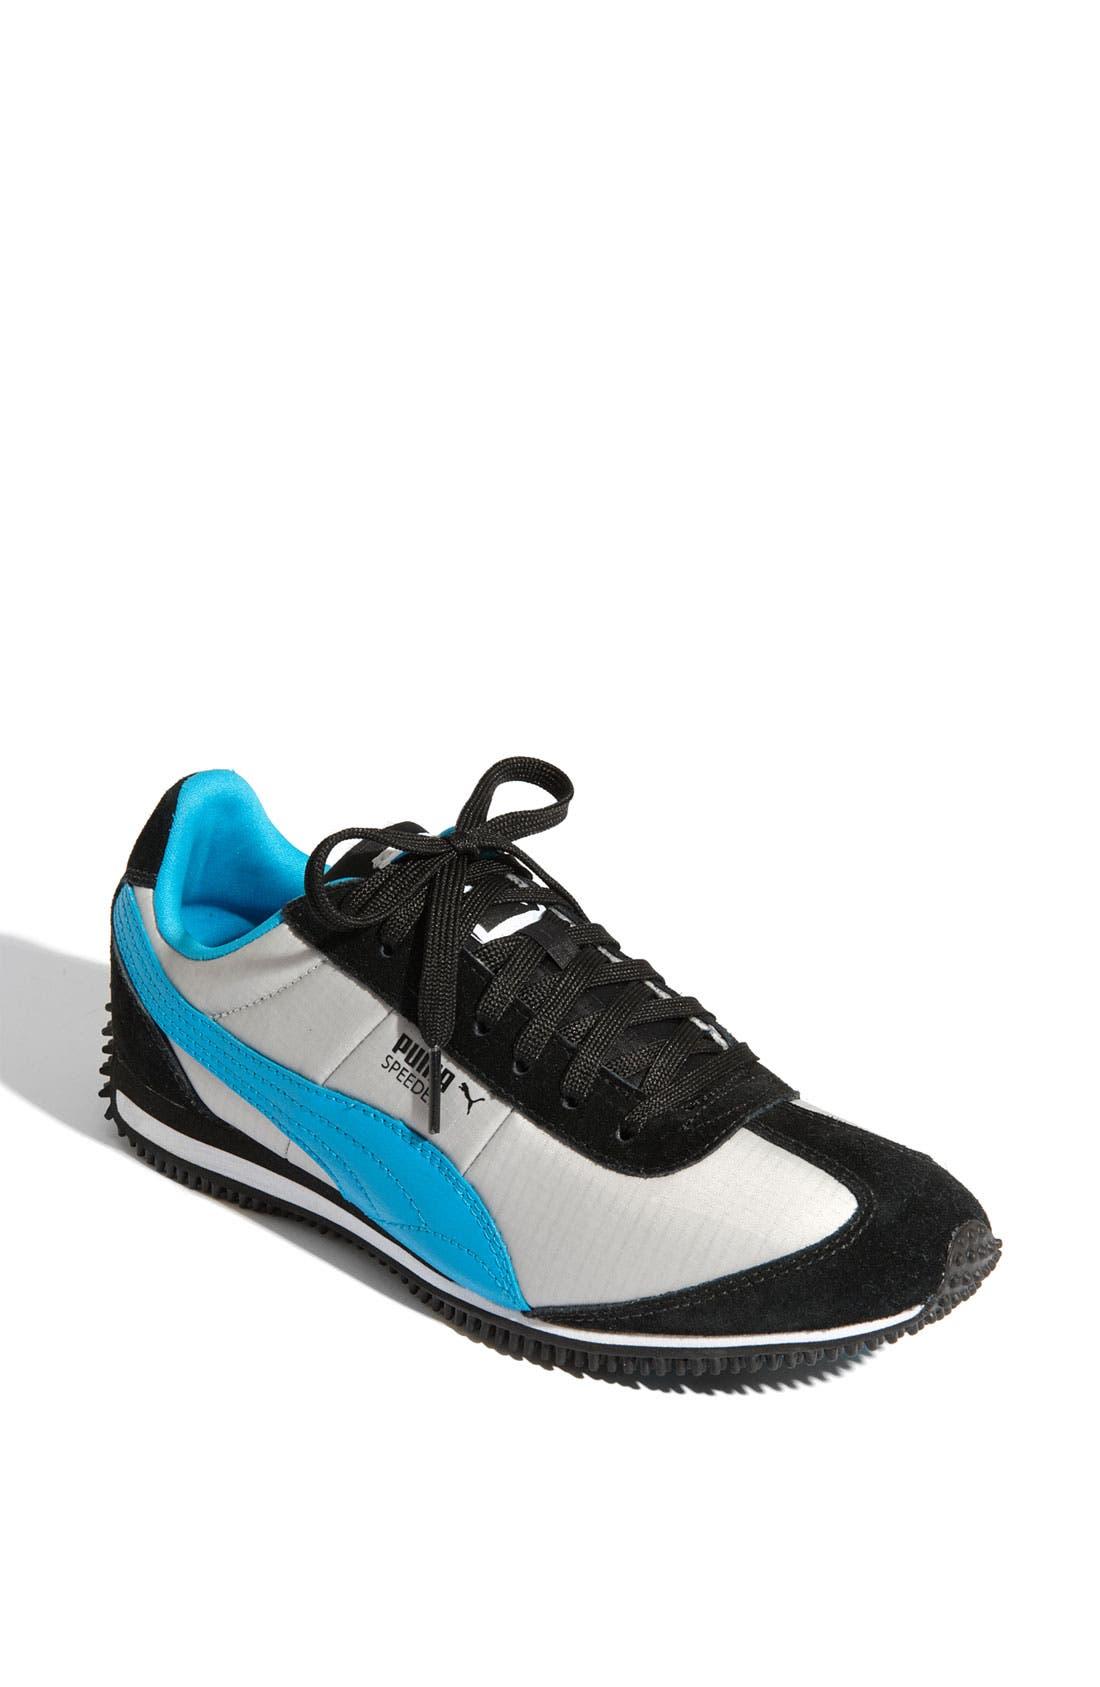 PUMA 'Speeder' Sneaker, Main, color, 001